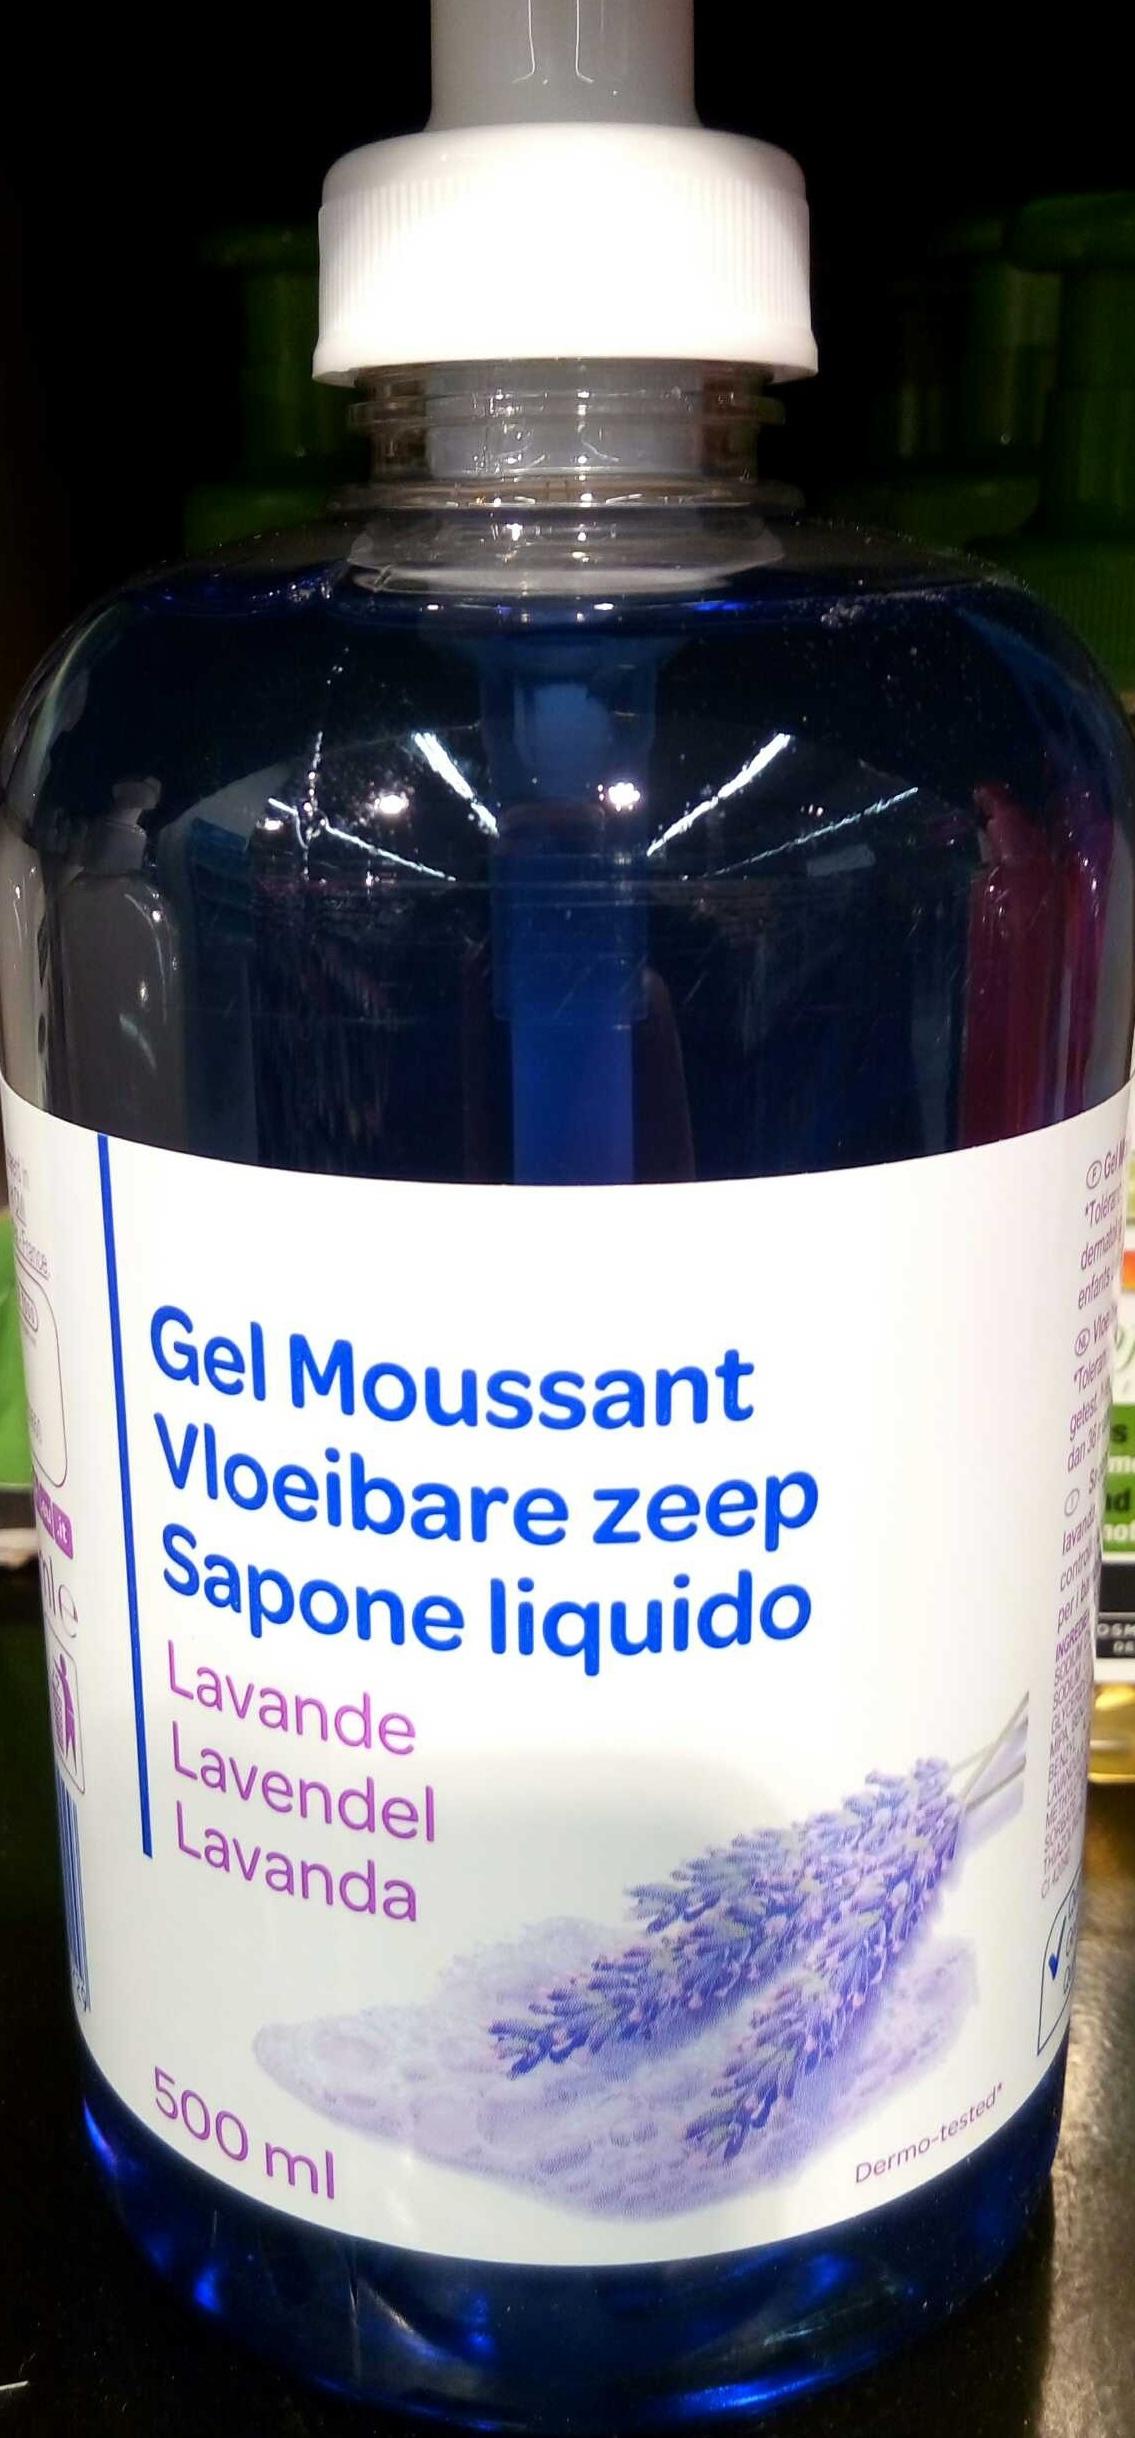 Gel moussant Lavande - Product - fr